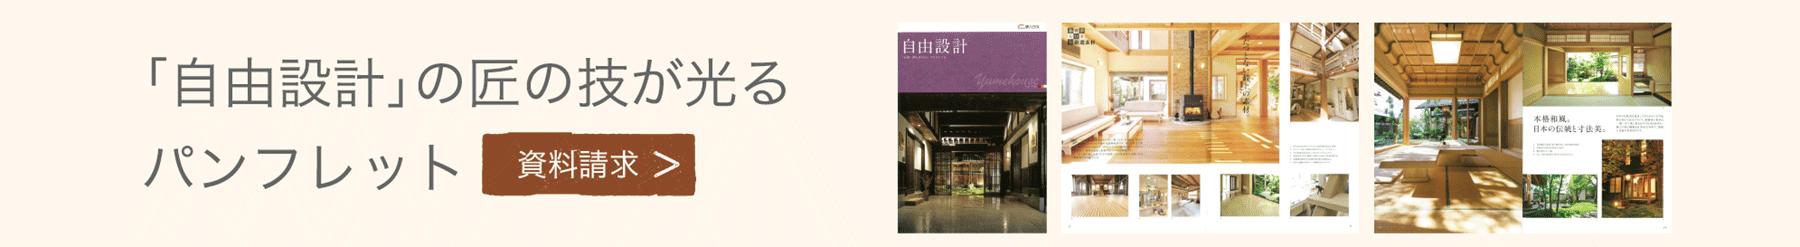 富山県黒部市の共和ホーム・モッカの家「自由設計」の匠の技が光るパンフレットをプレゼントいたします。